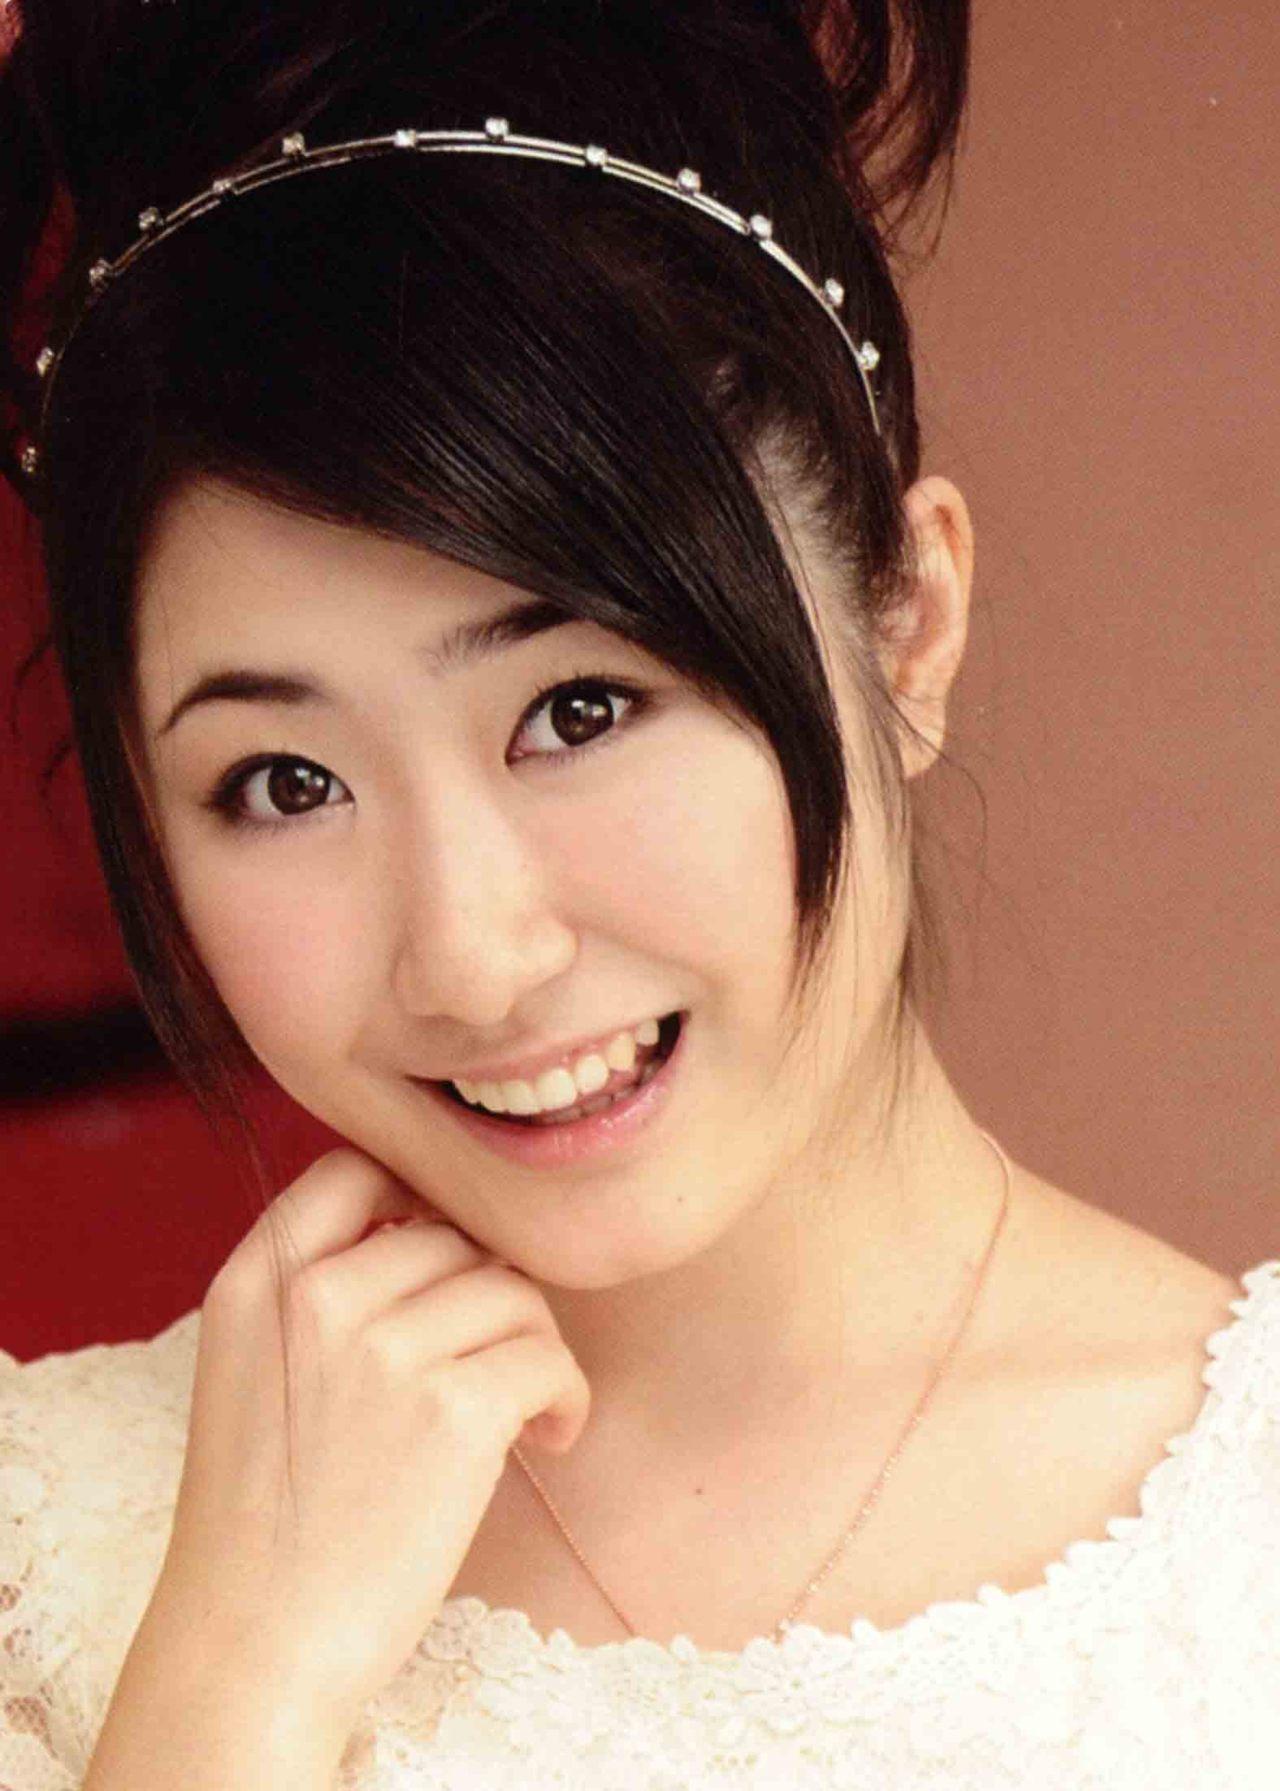 hidaka_rina074.jpg